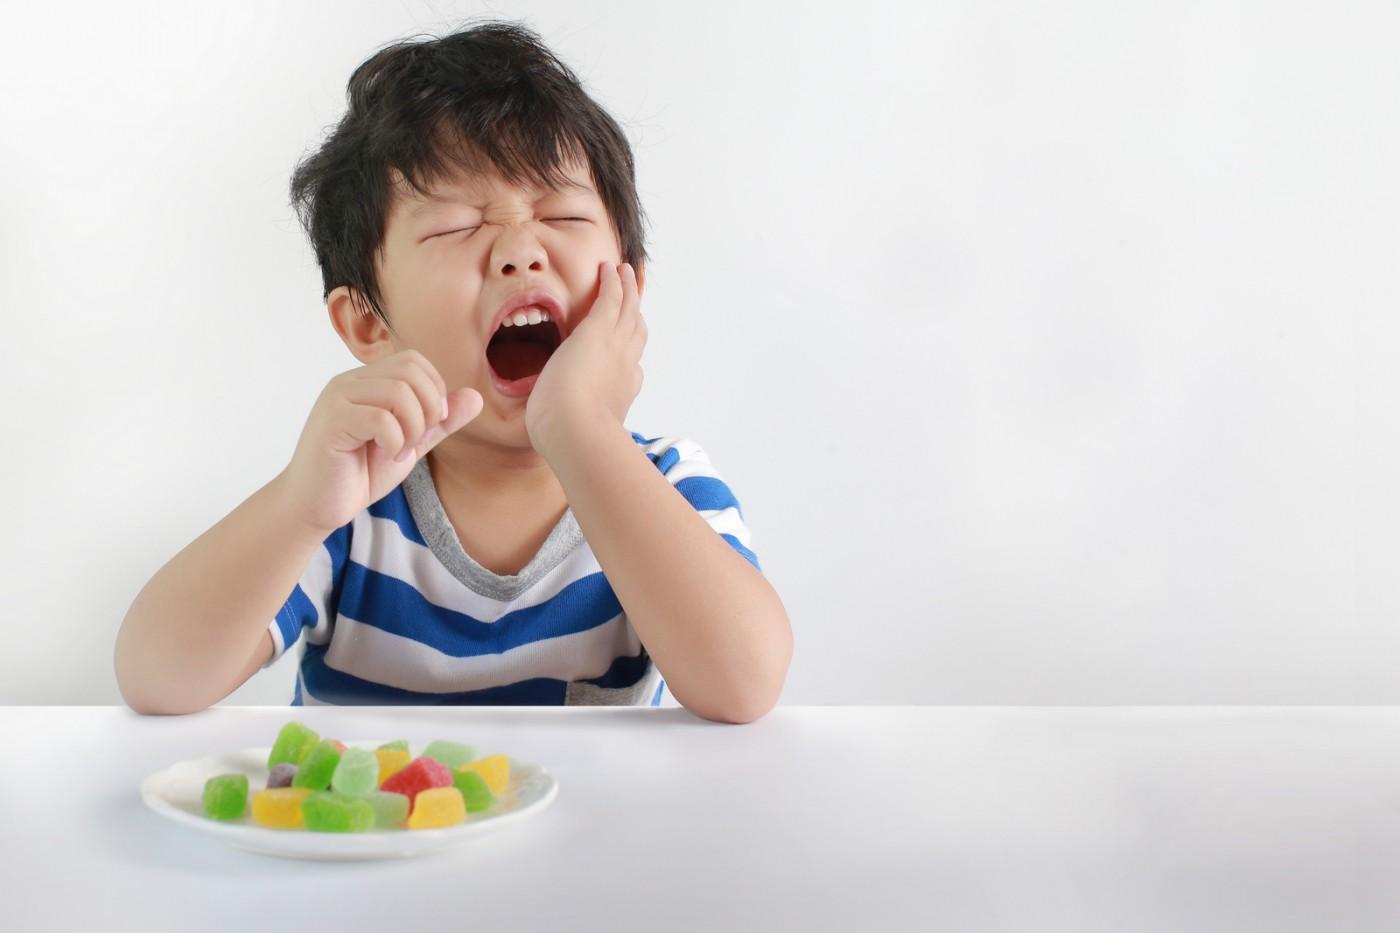 Cauzele apariției cariilor la copii